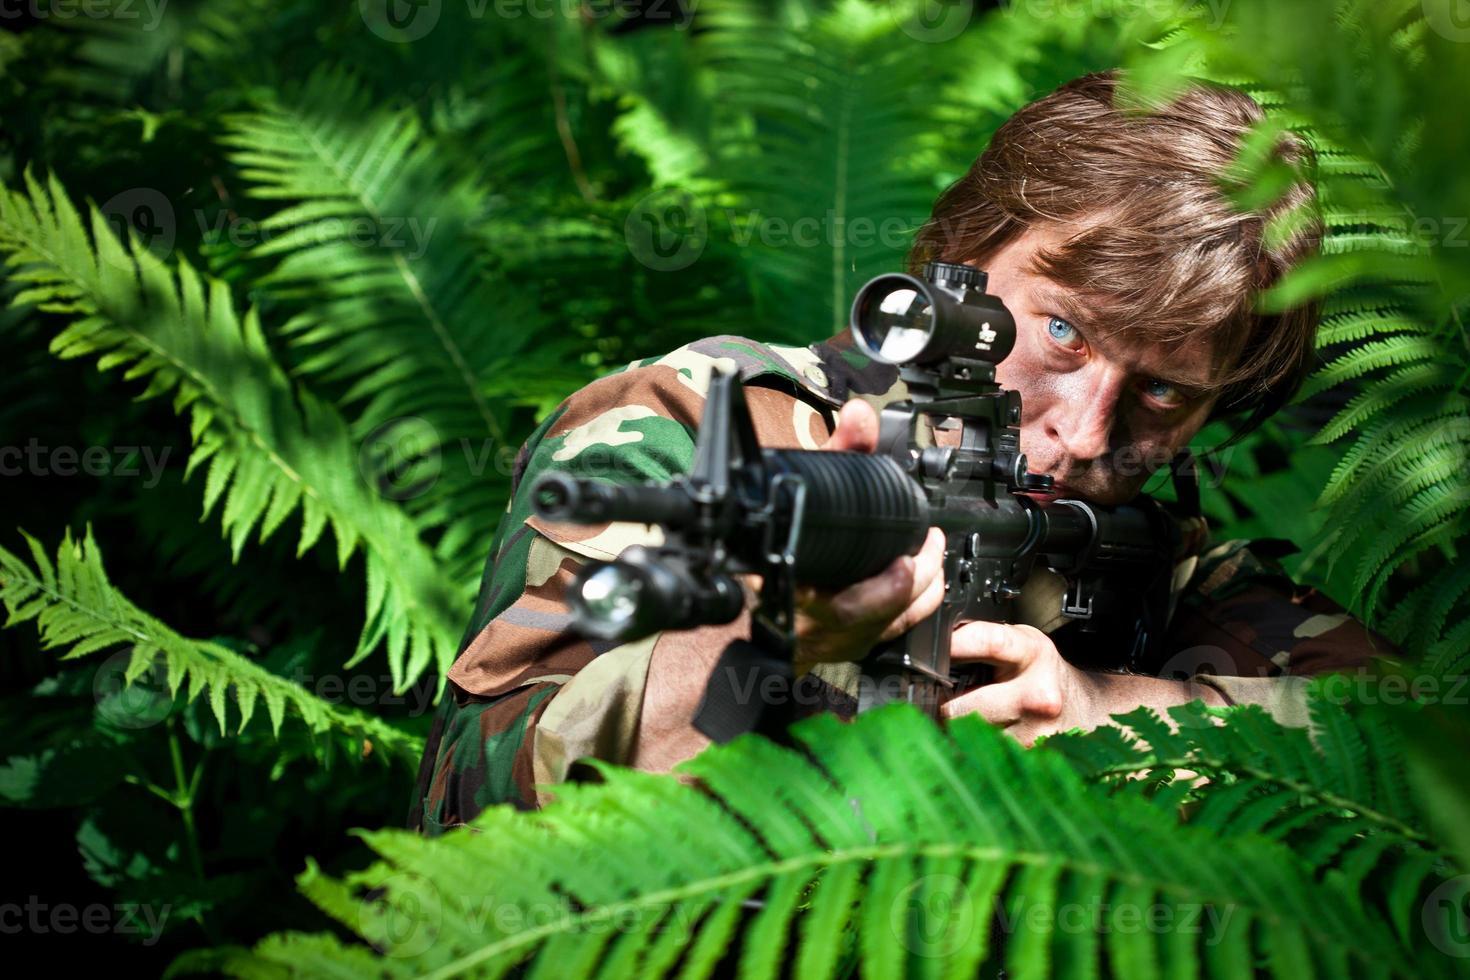 soldado apontando uma arma foto